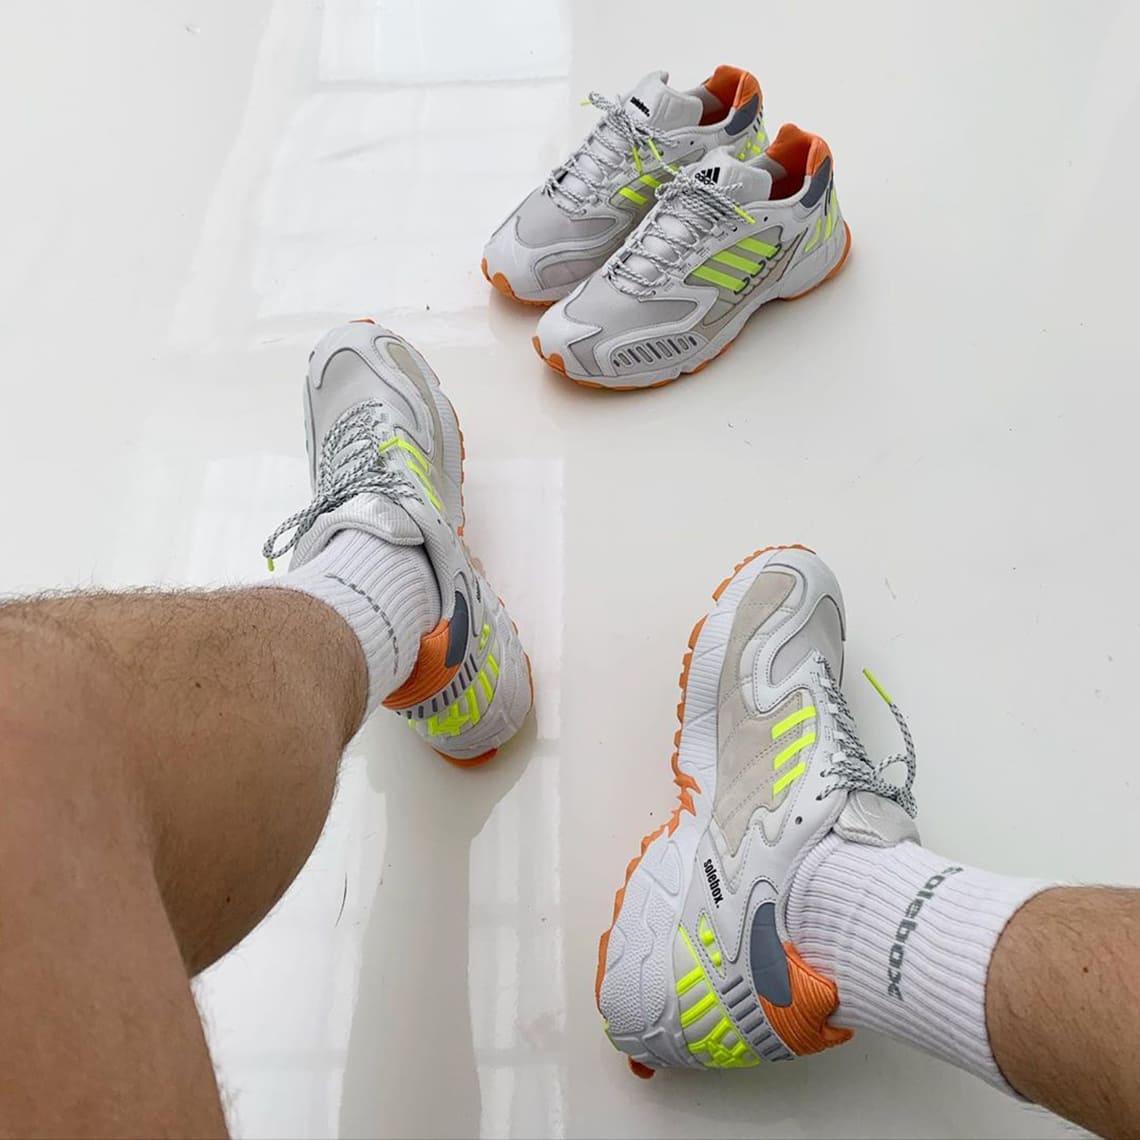 solebox-adidas-torsion-trdc-fv9431